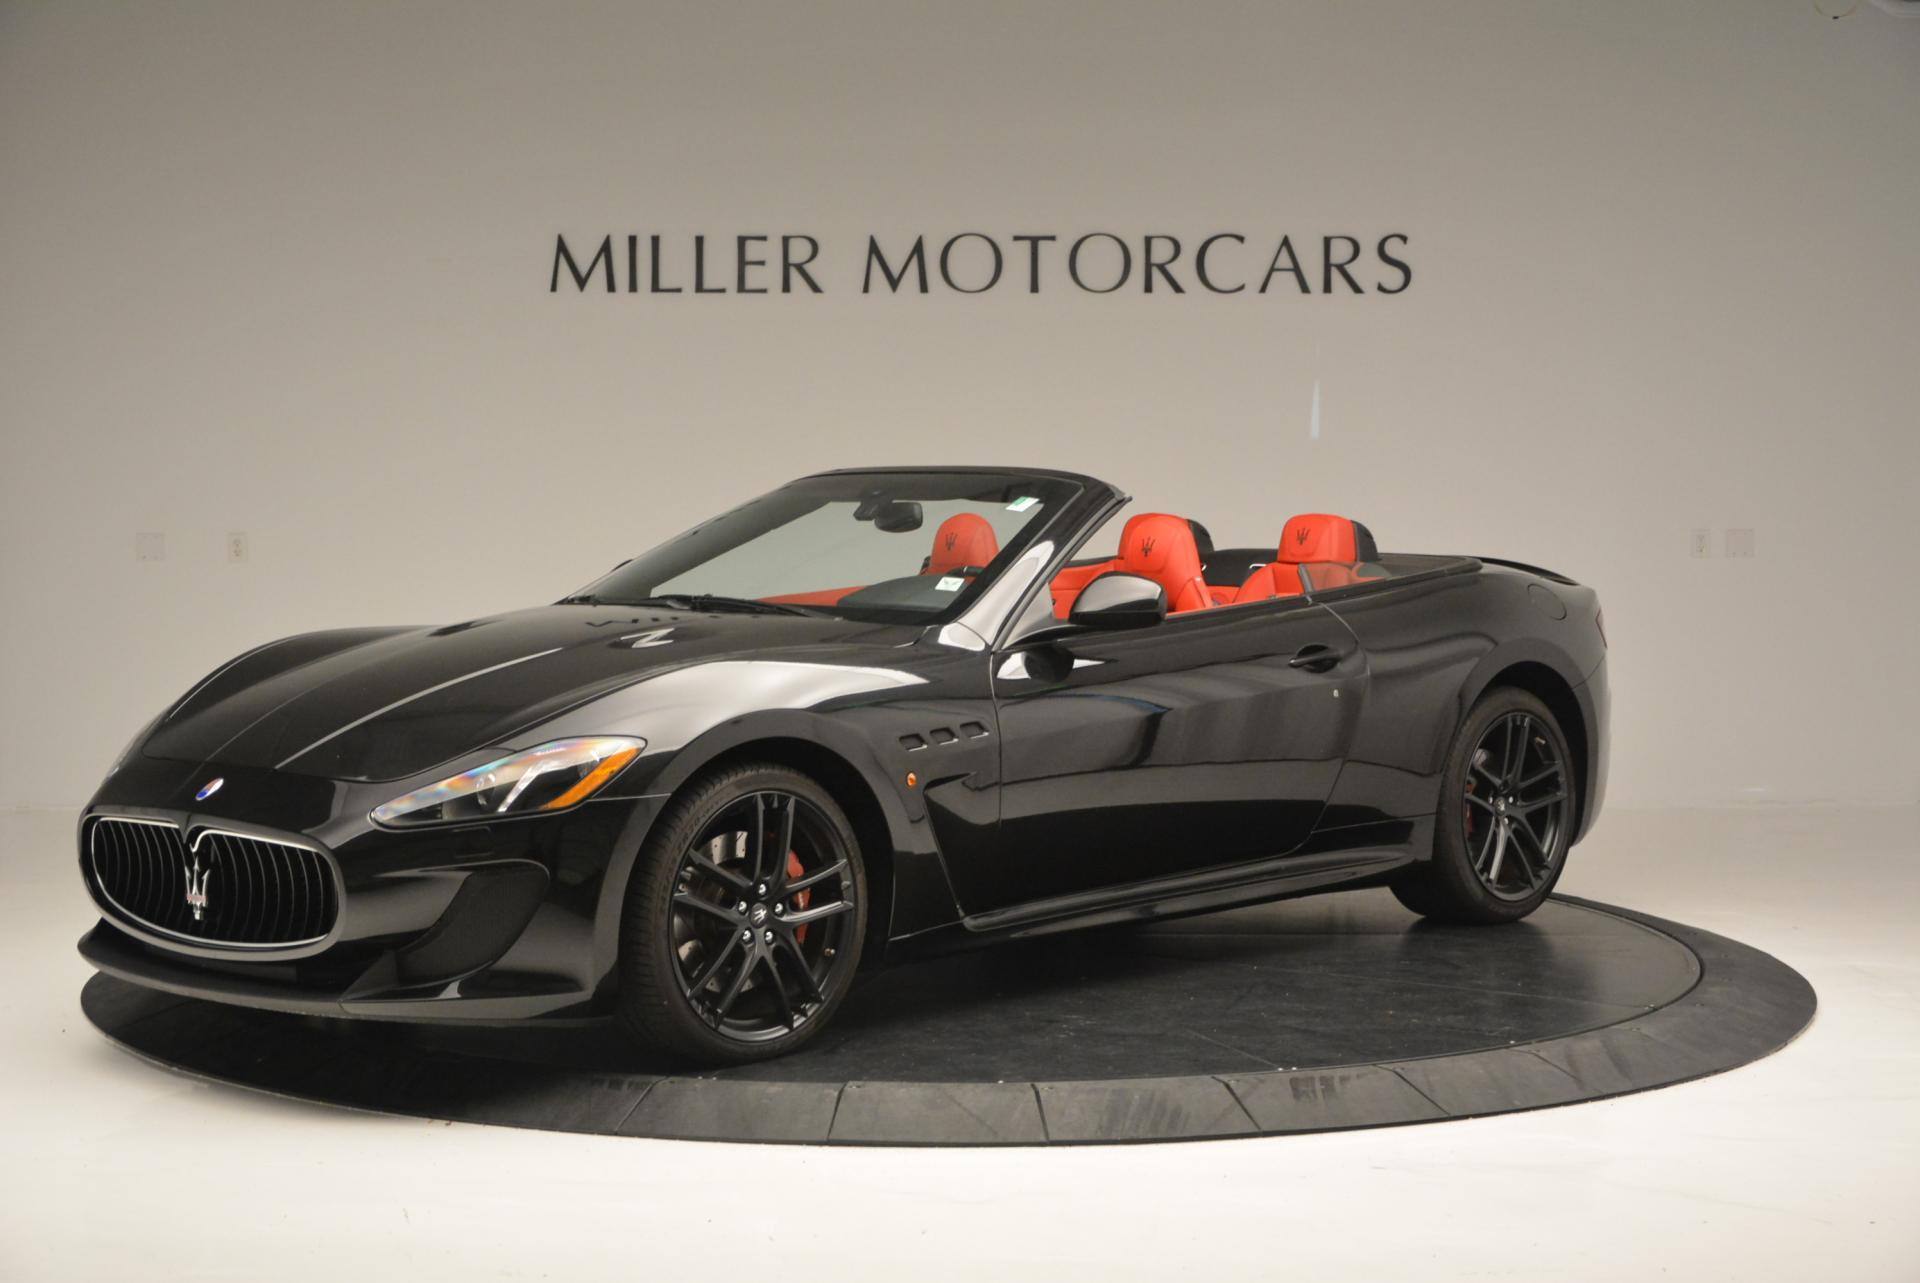 Used 2013 Maserati GranTurismo MC For Sale In Westport, CT 521_p2